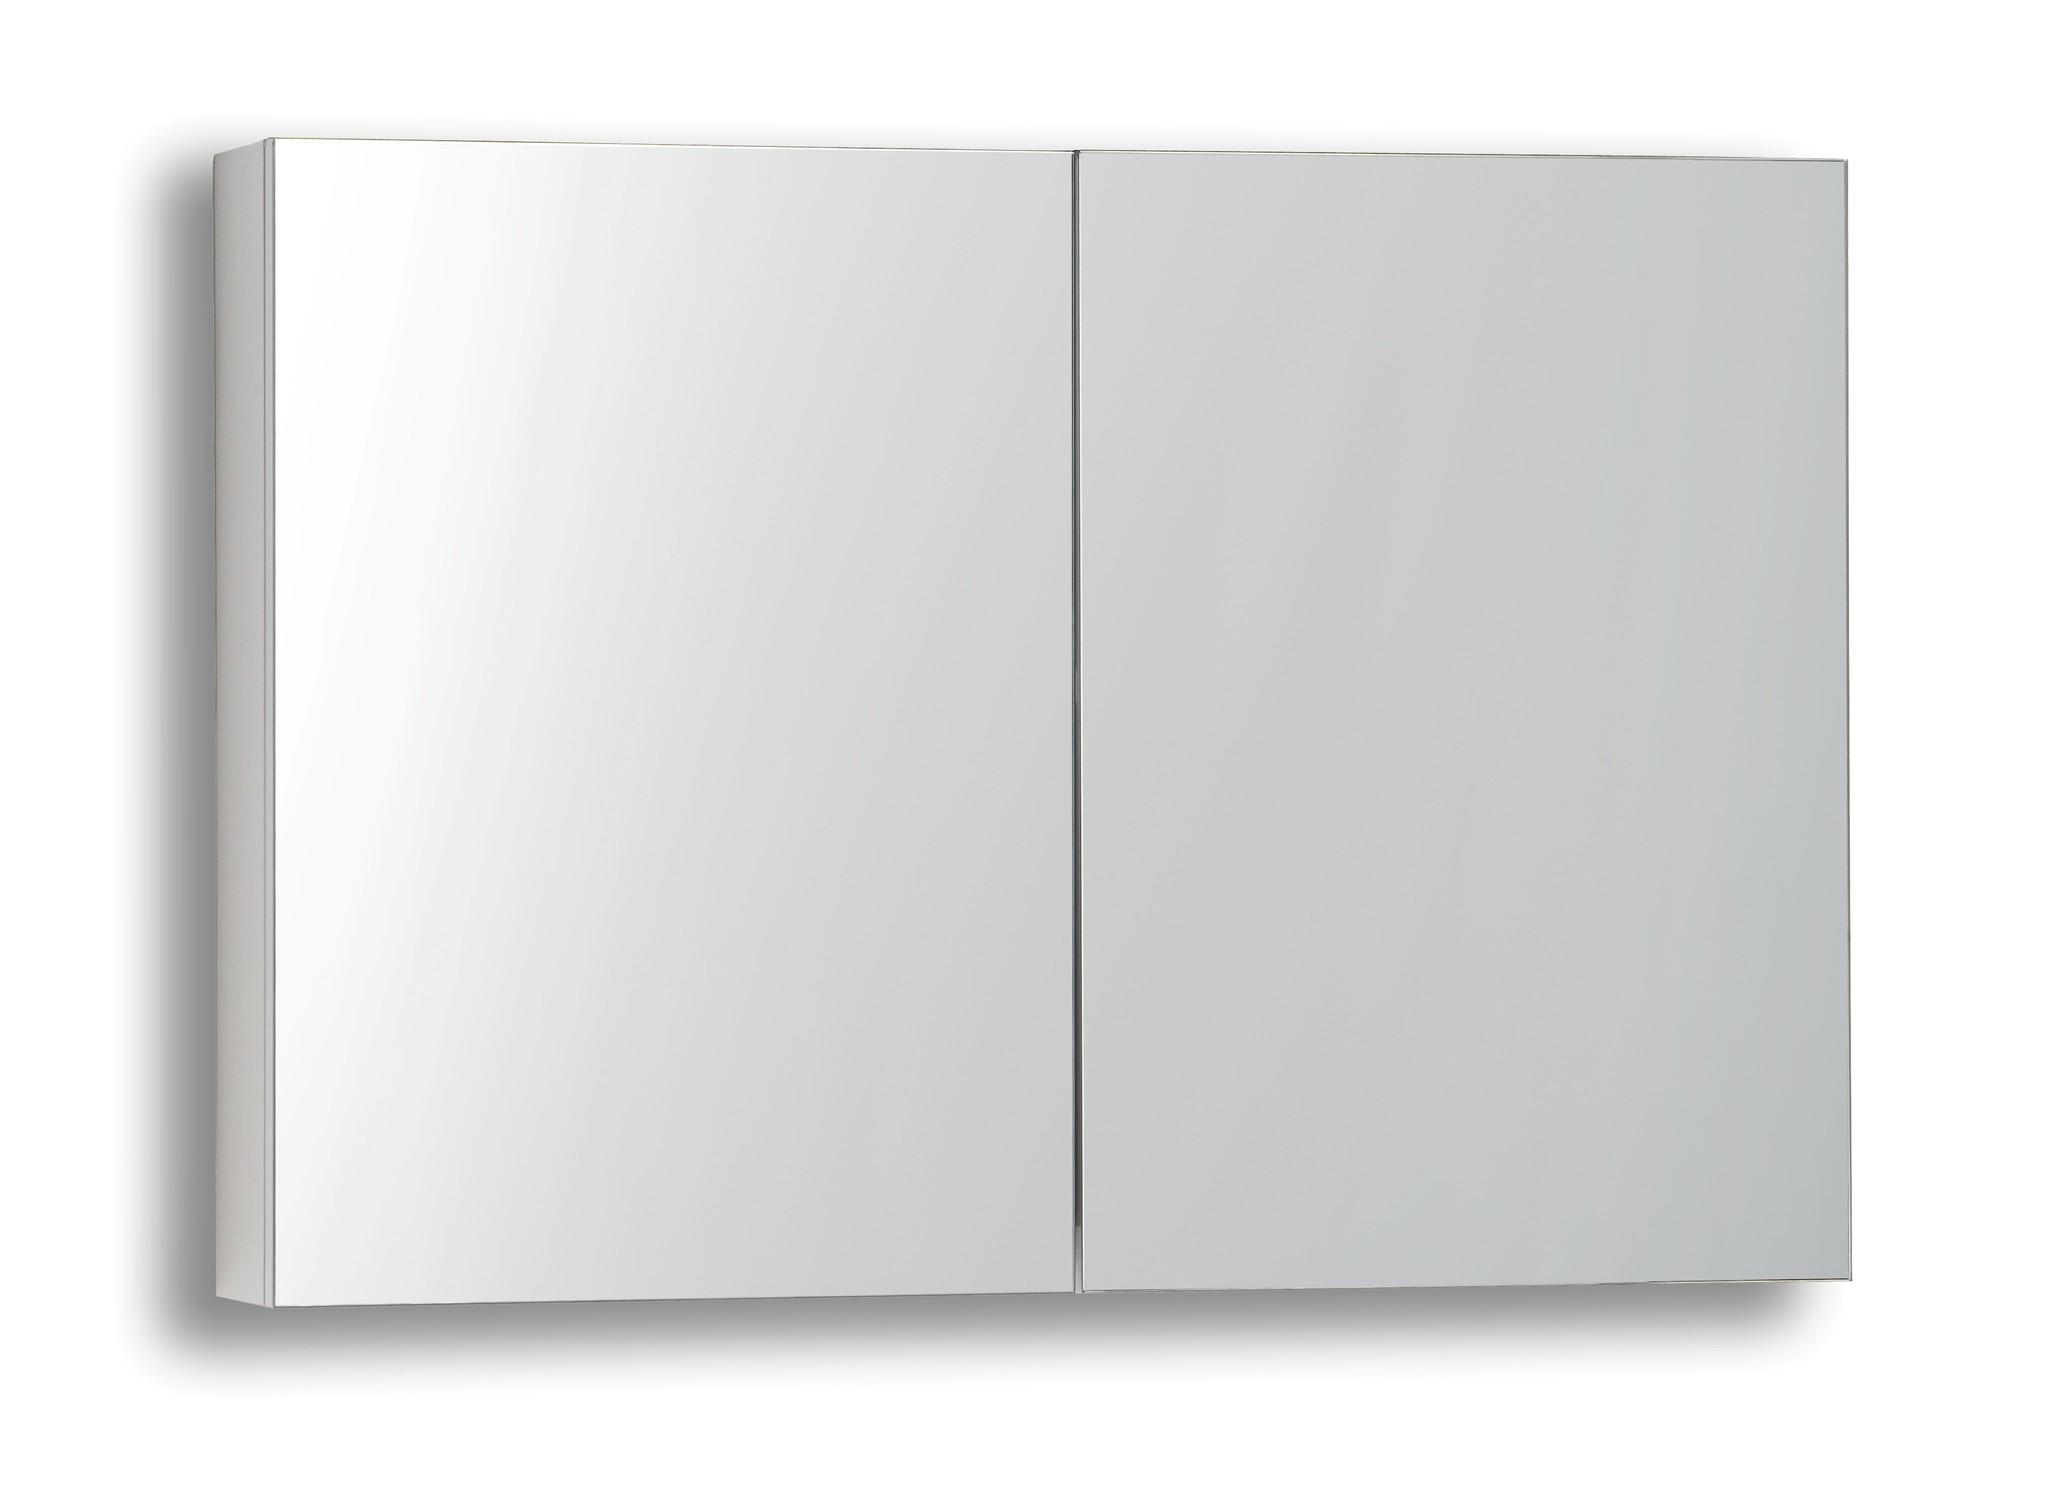 Spiegelkast zonder verlichting